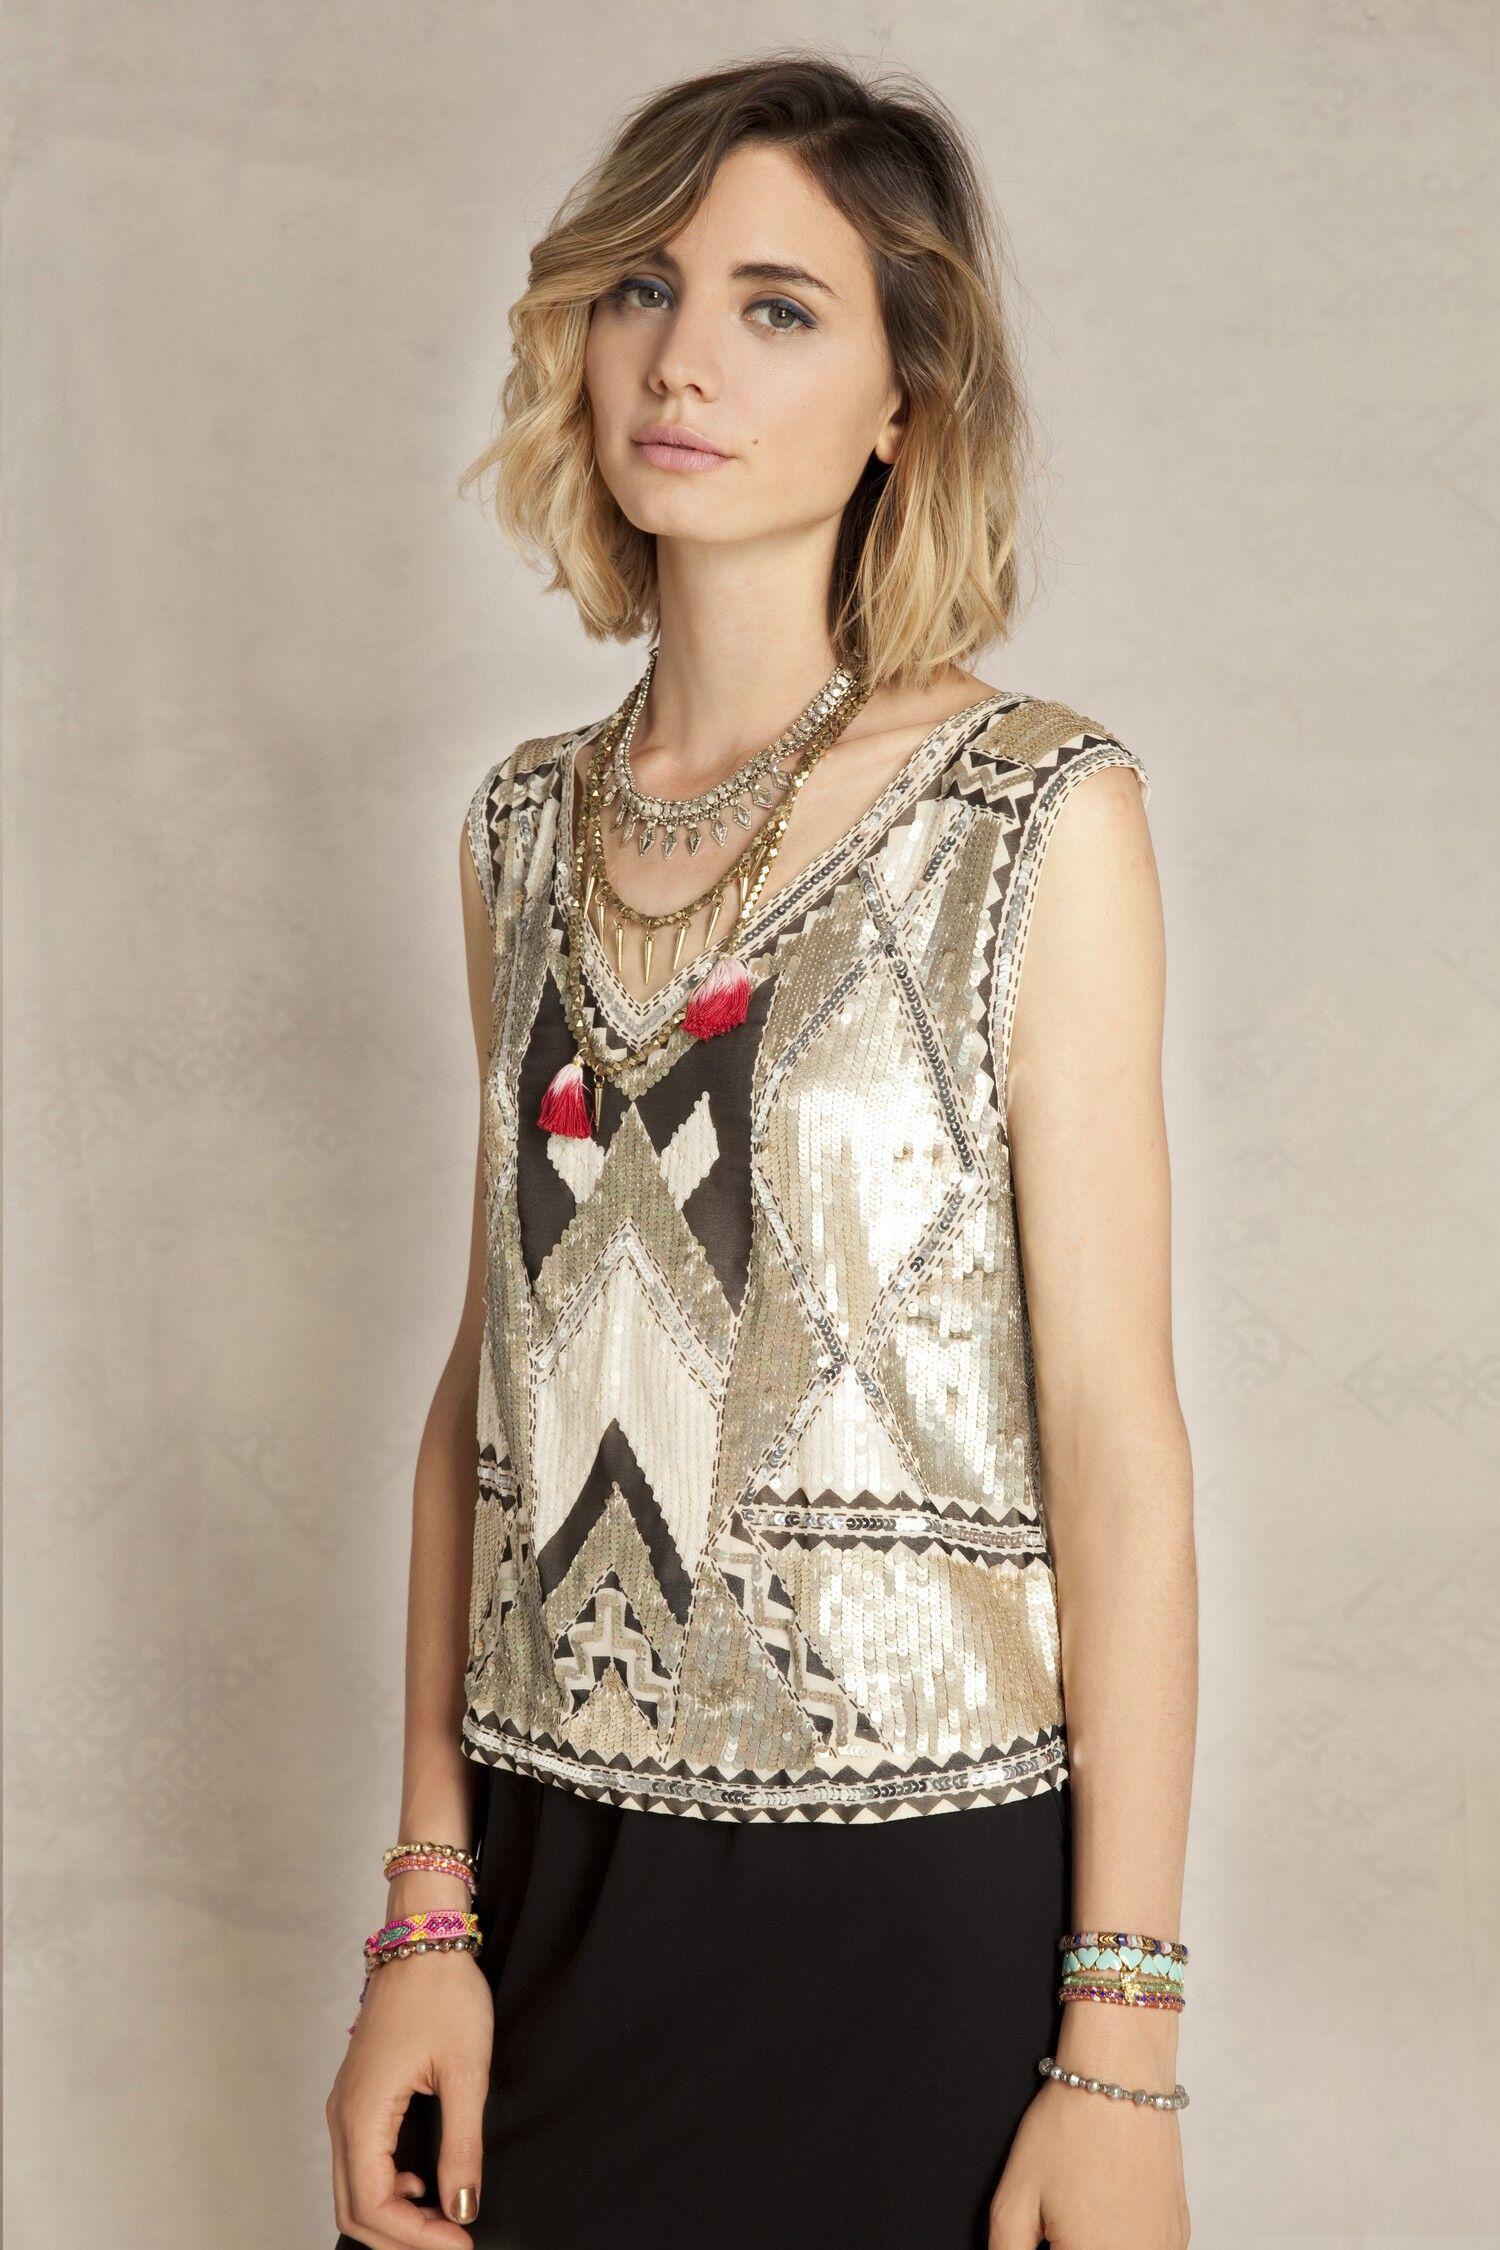 Visitá la nueva colección Invierno 16 en Rapsodia.com > Top Selena Haim